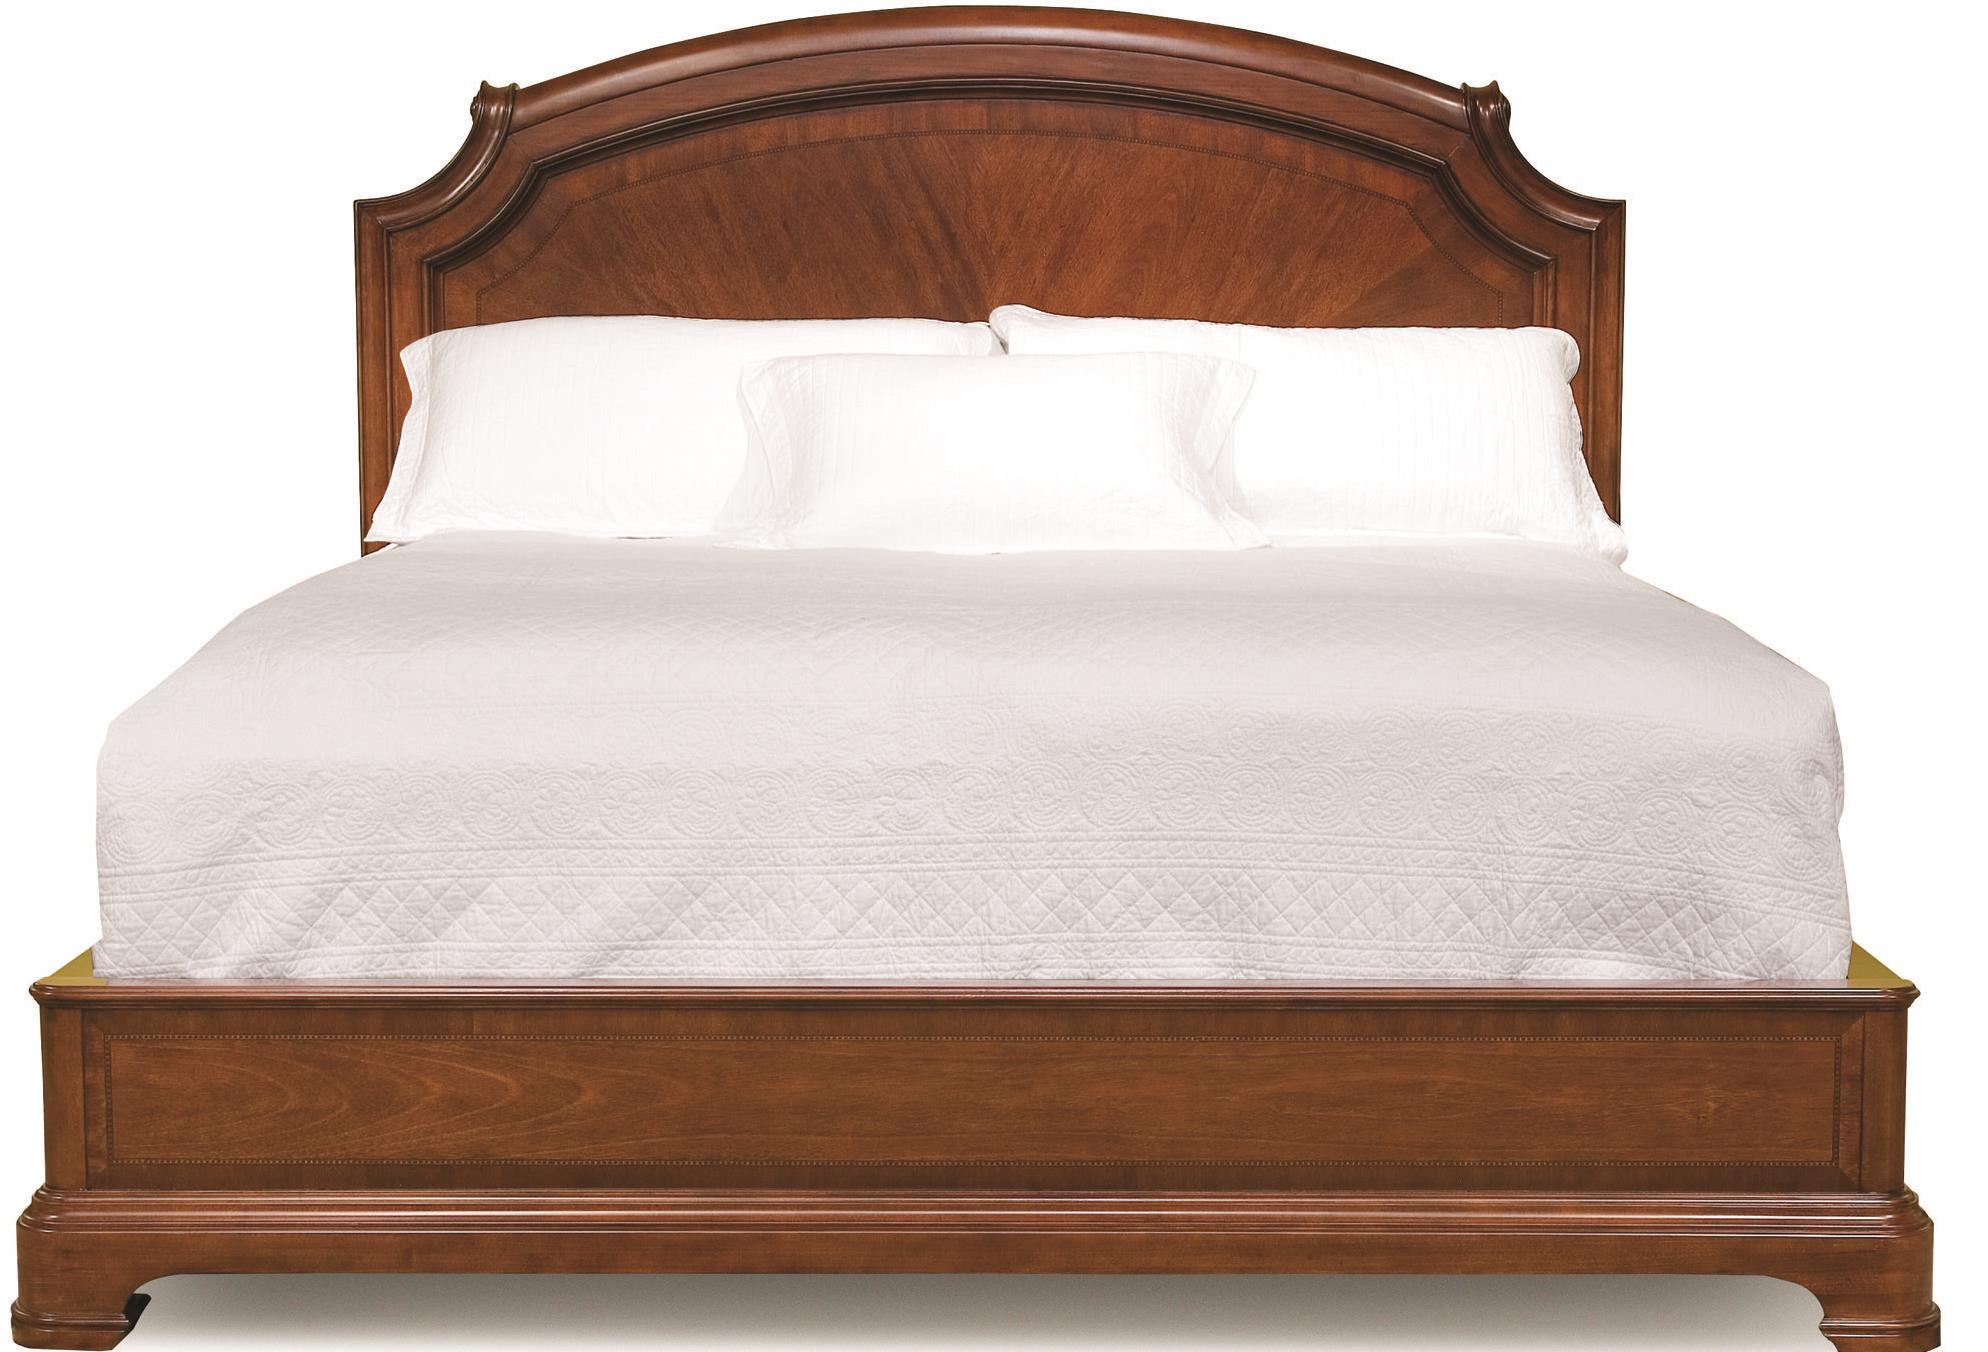 legacy classic evolution king size scroll top platform bed. Black Bedroom Furniture Sets. Home Design Ideas